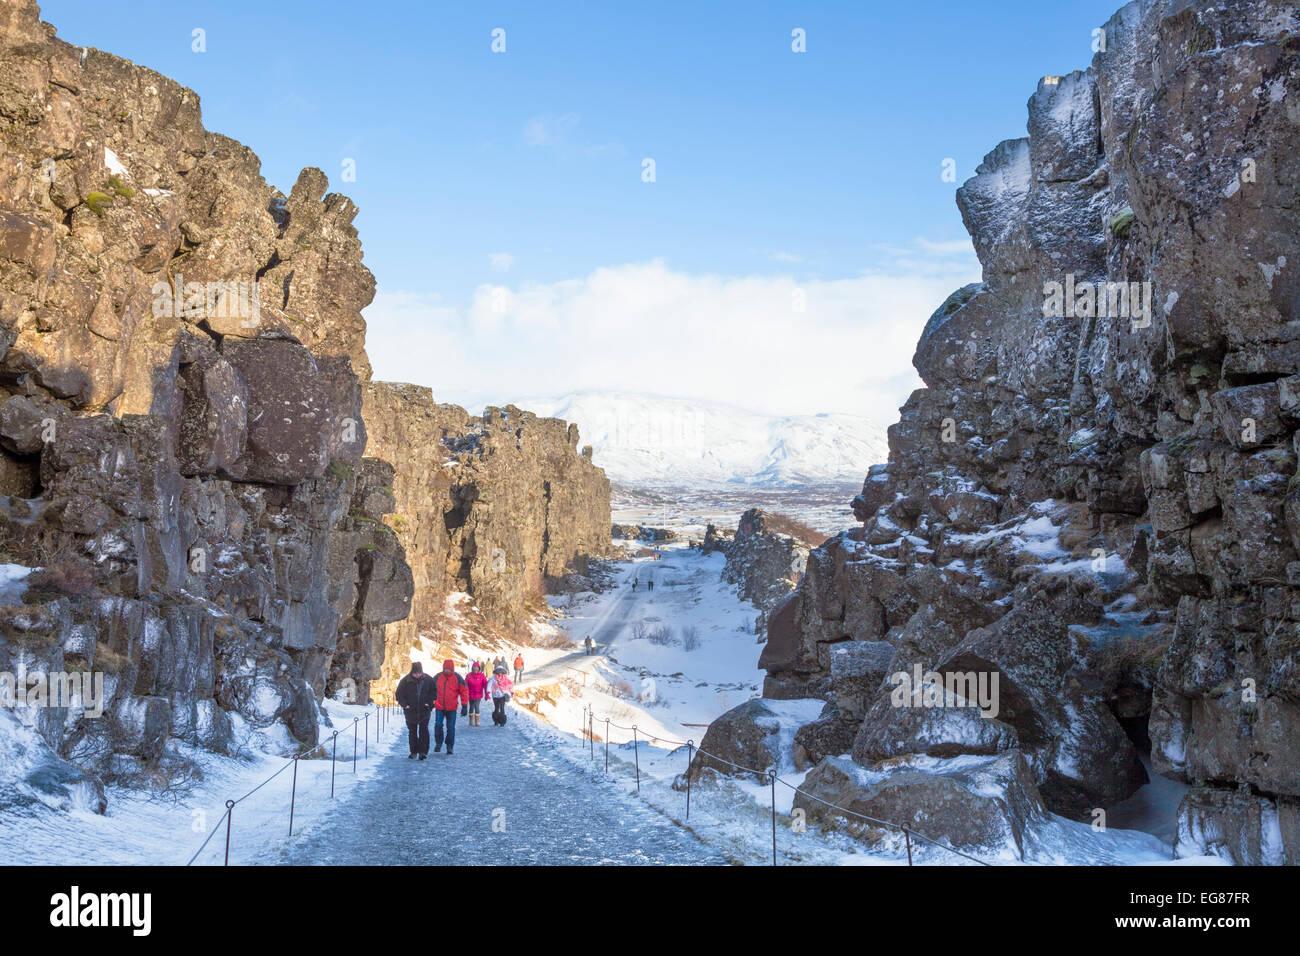 Les touristes dans la gorge d'Allmannagja Parc national de Þingvellir en hiver Islande Europe Photo Stock